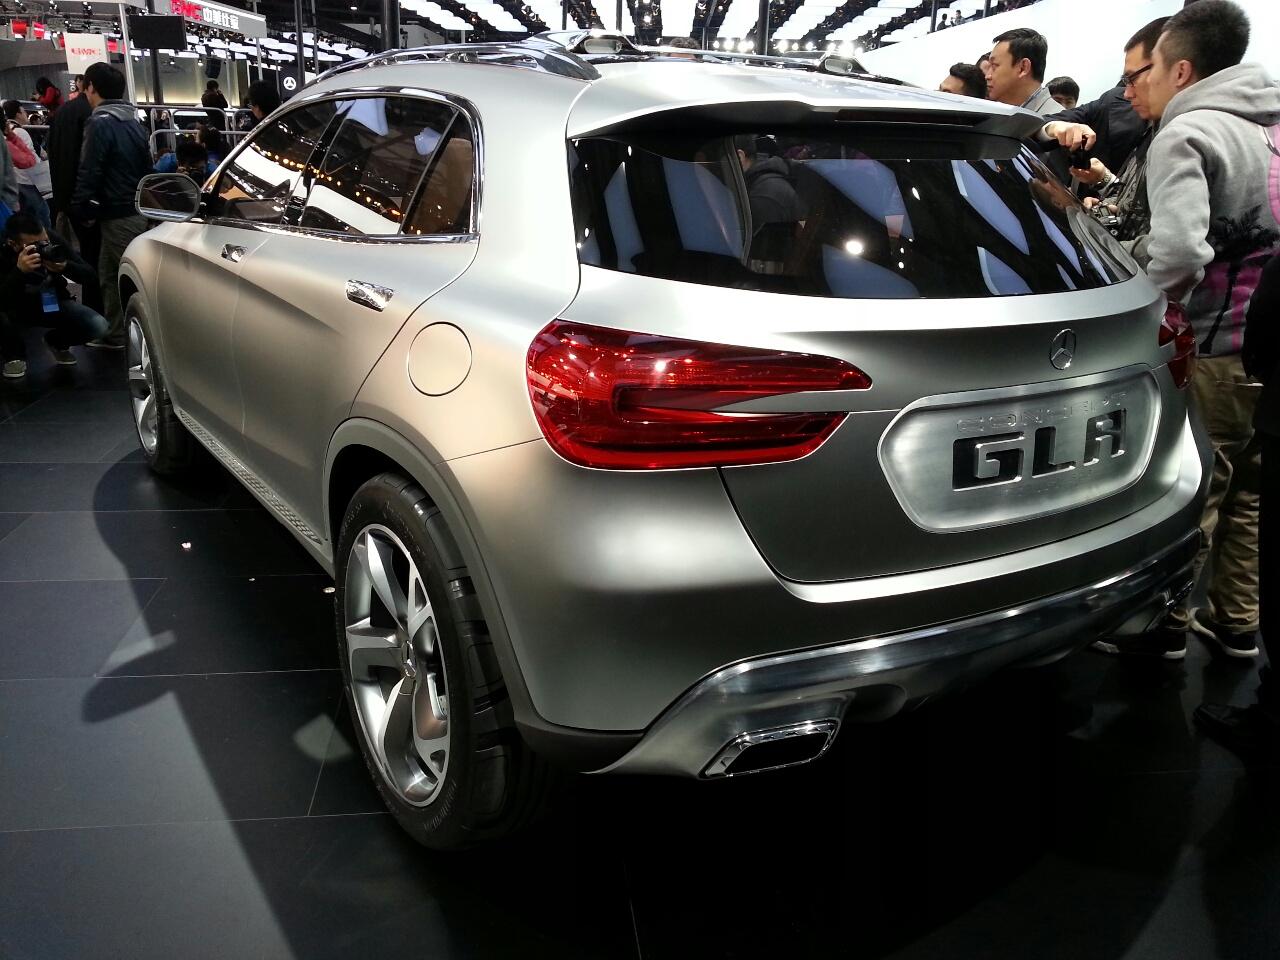 Mercedes Concept GLA rear three quarters